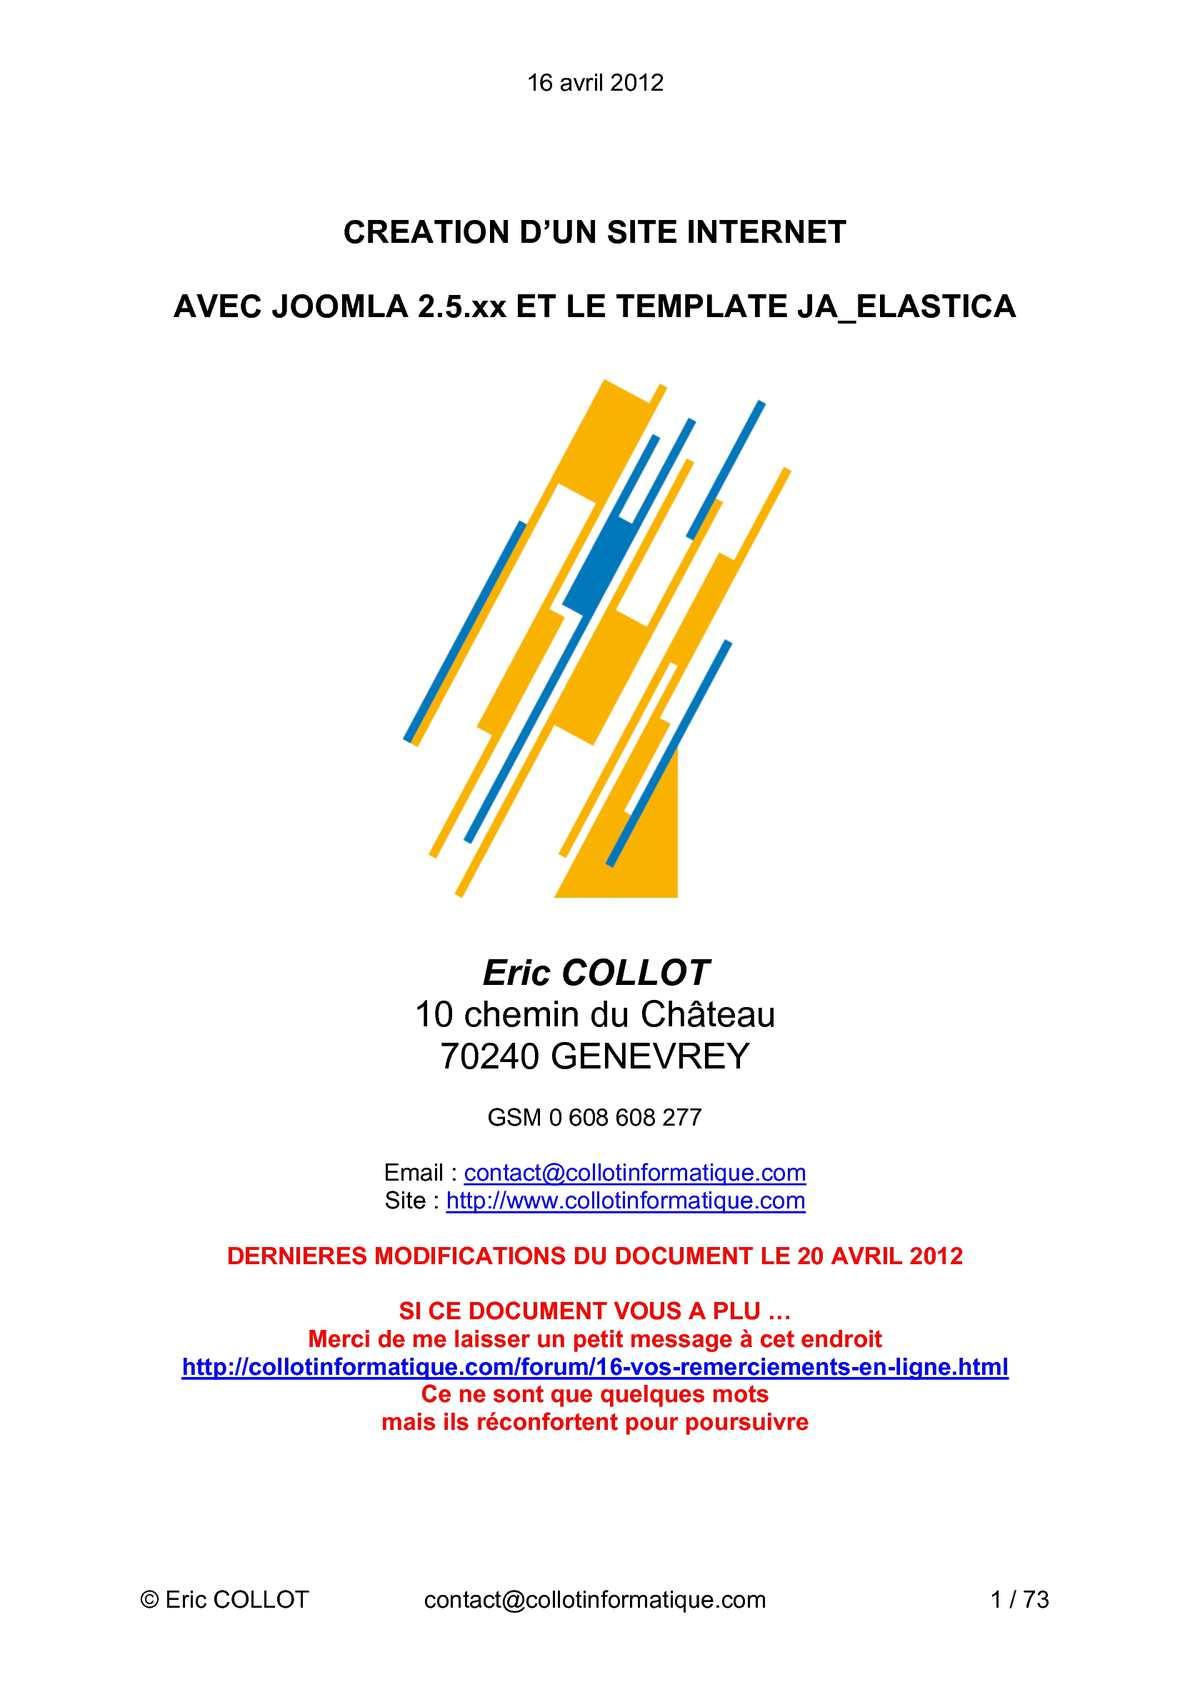 Création d'un site avec JOOMLA 2.5 et le template JA-ELASTICA